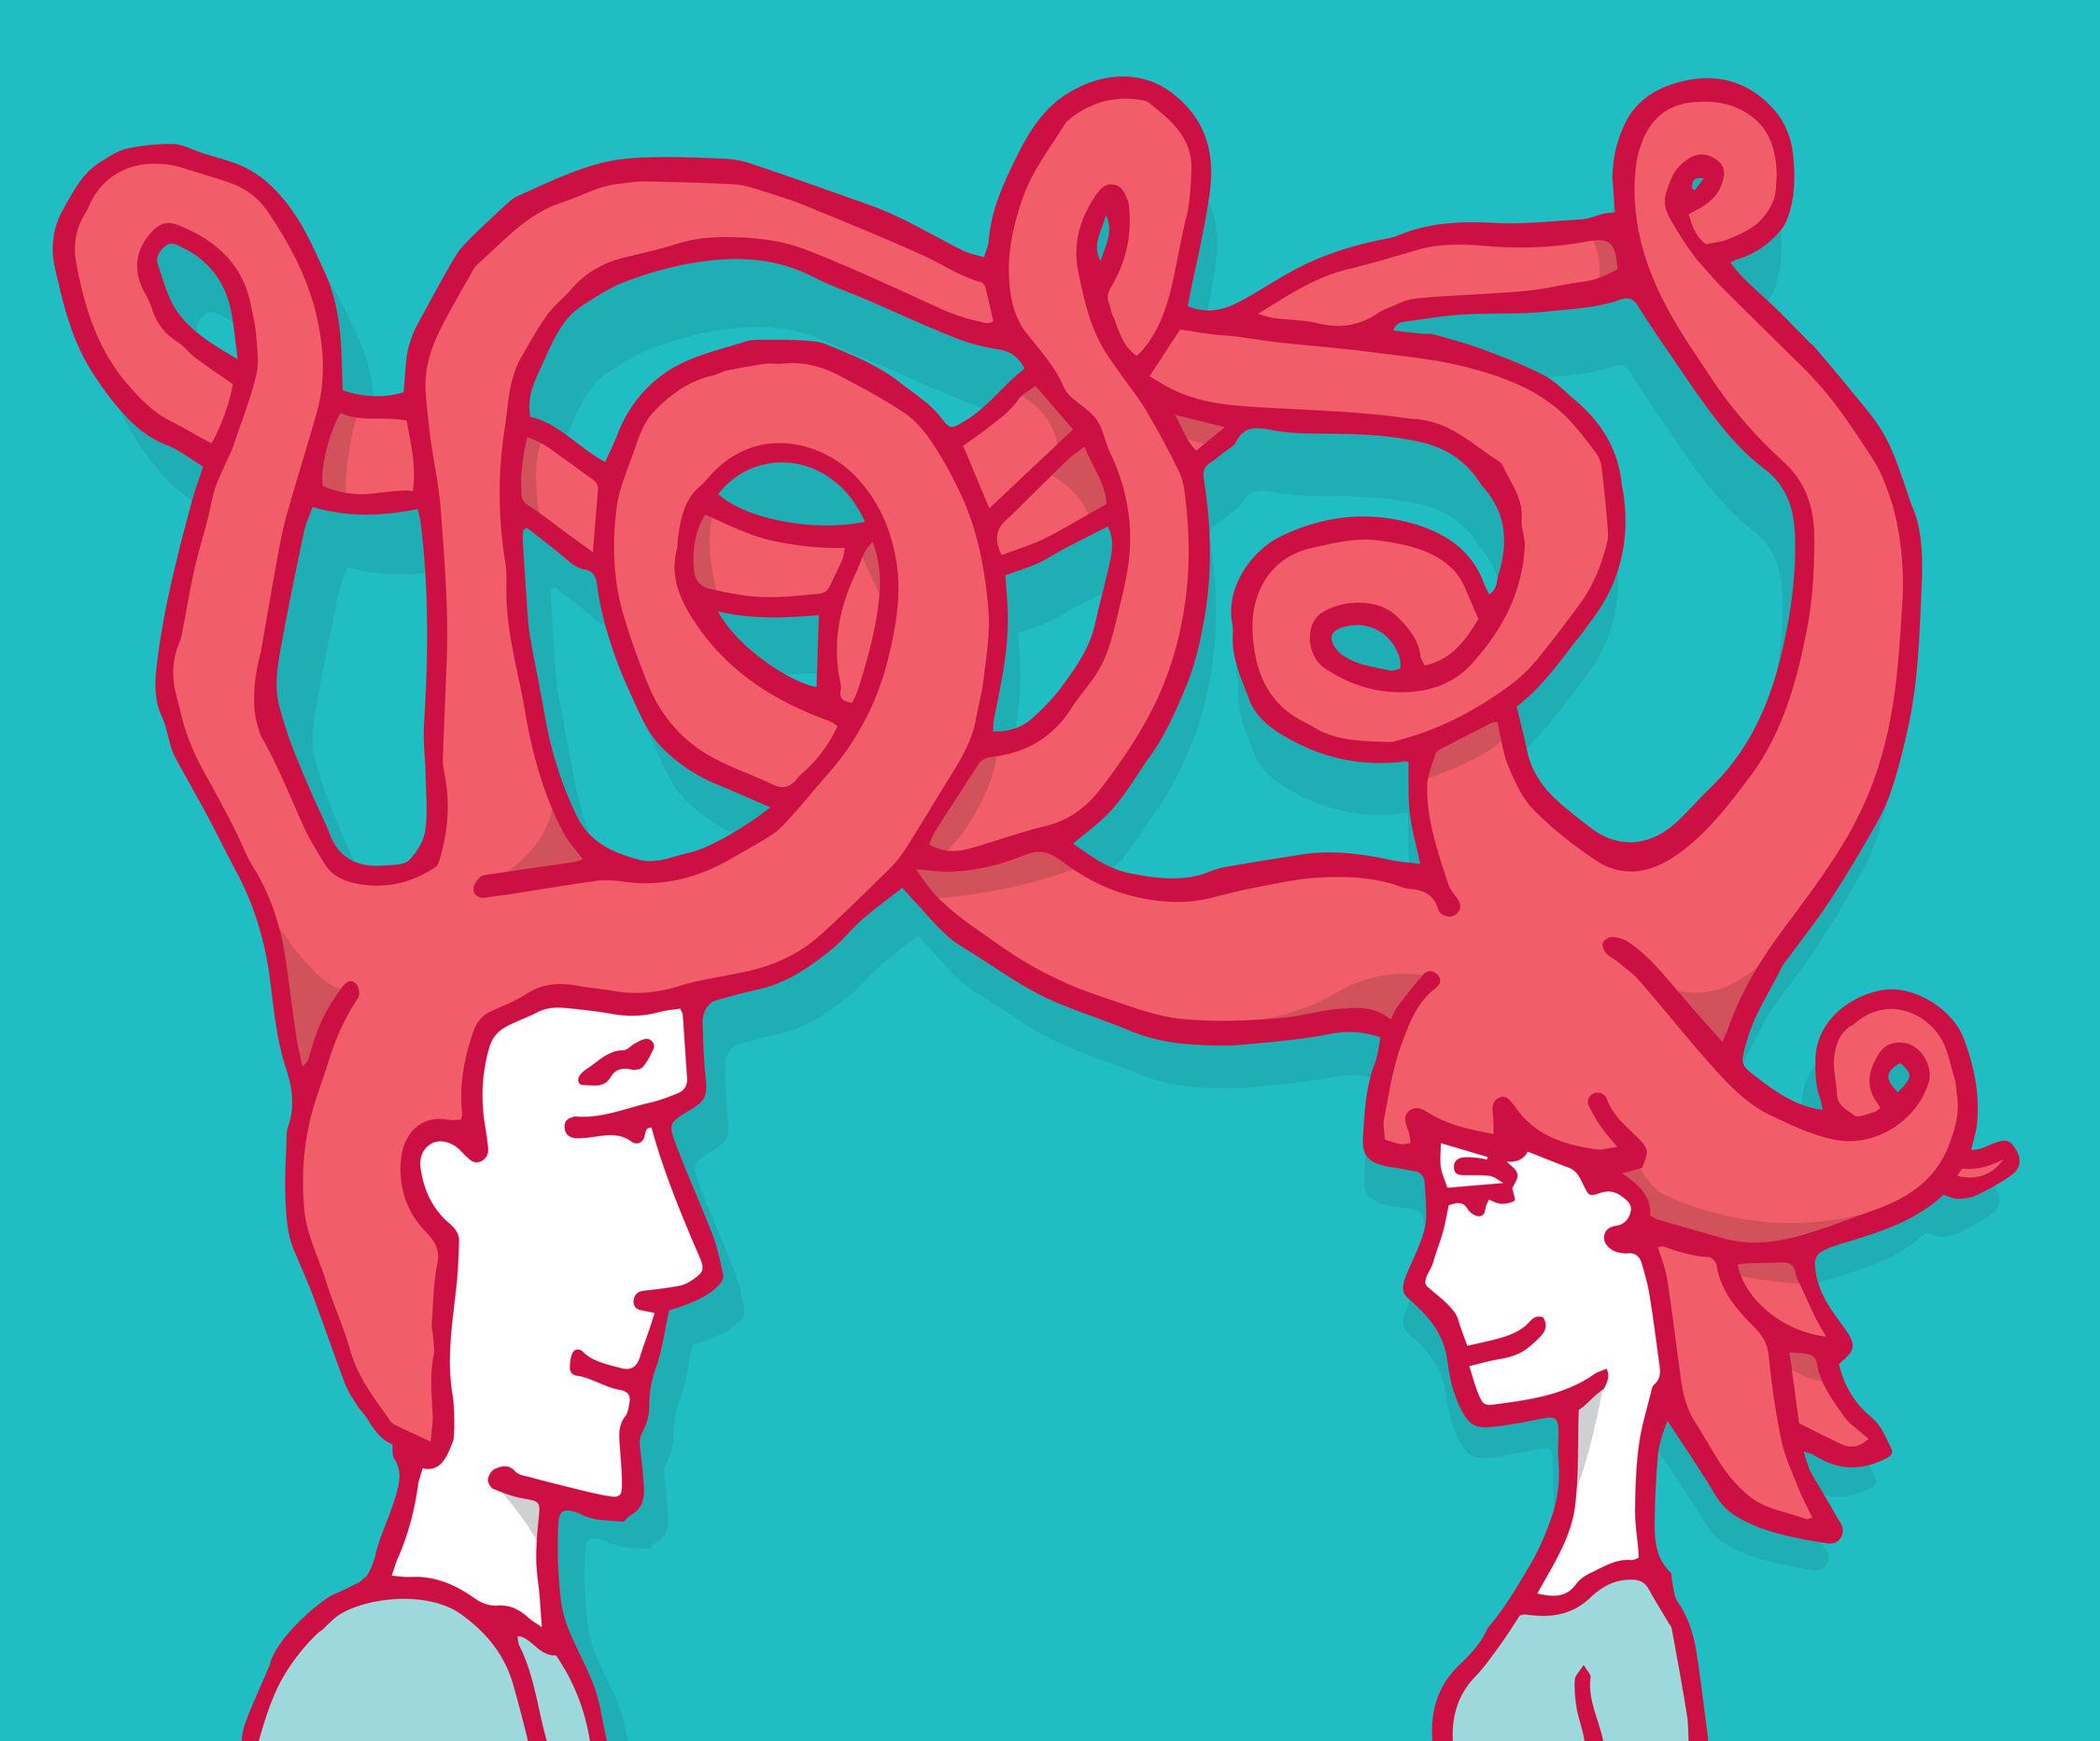 jak długo po rozstaniu powinieneś zacząć się spotykać?